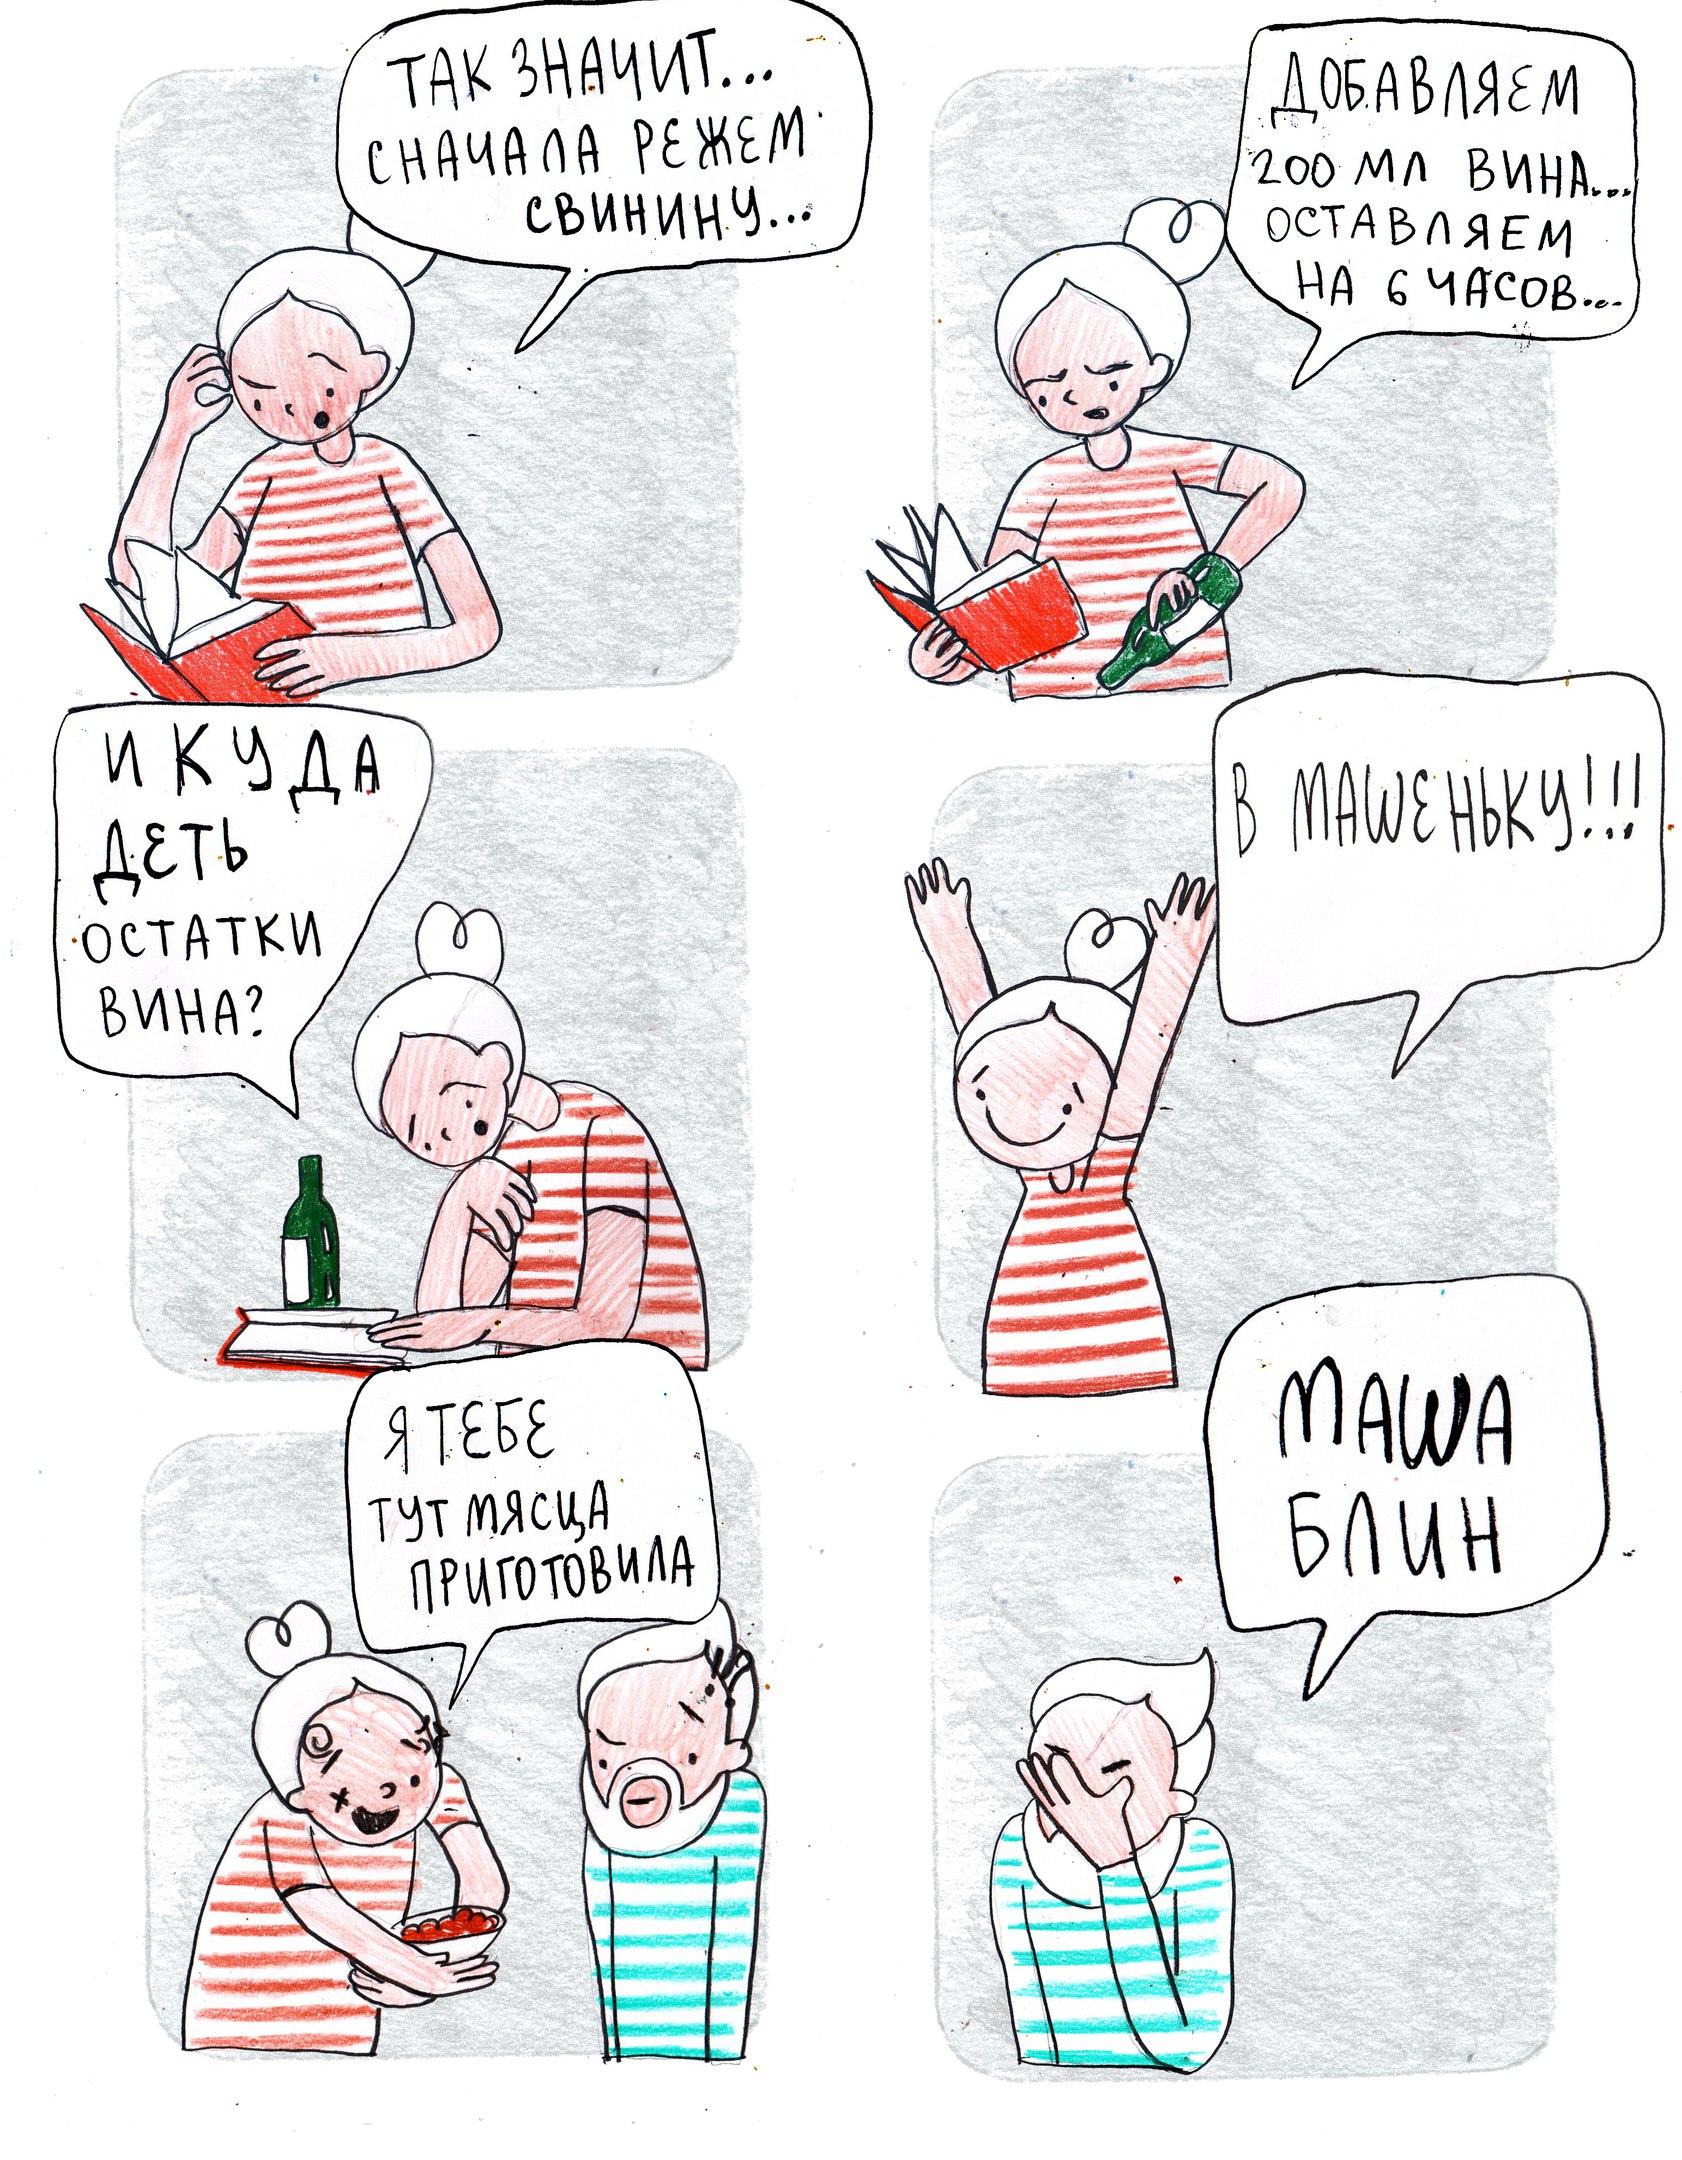 Маша блин вино в машеньку комикс